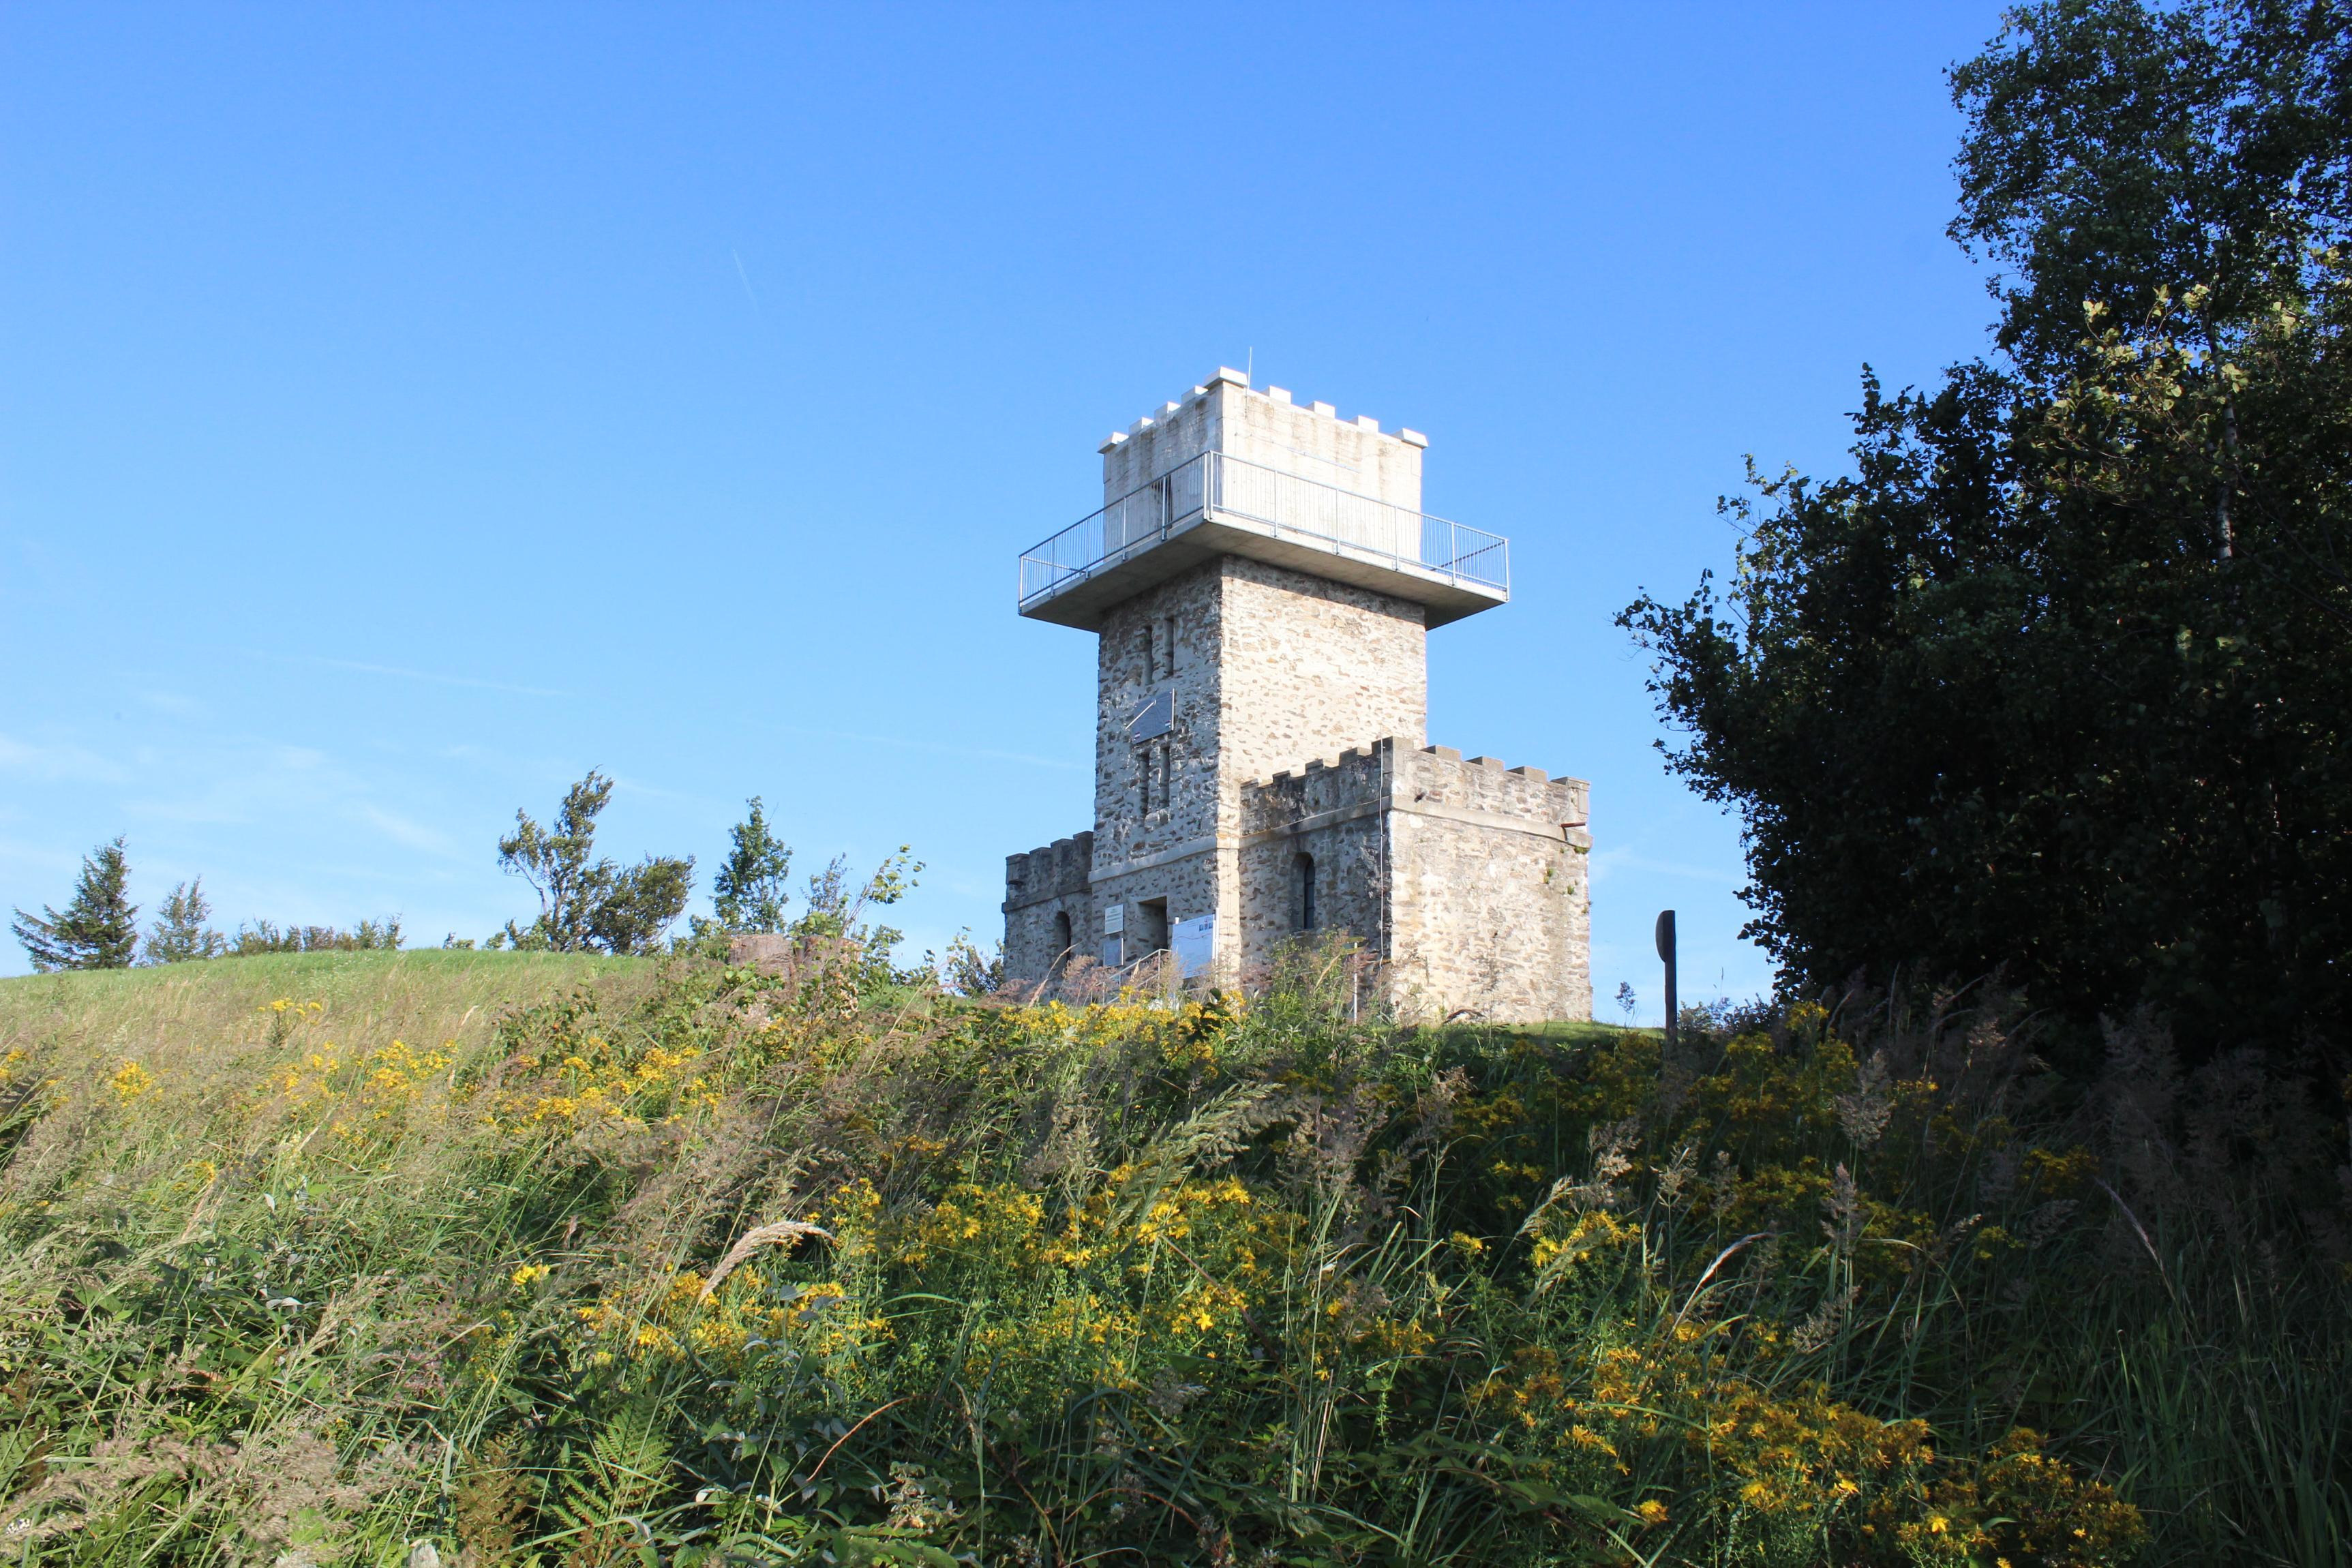 Aussichtswarte am Geschriebenstein, Südburgenland